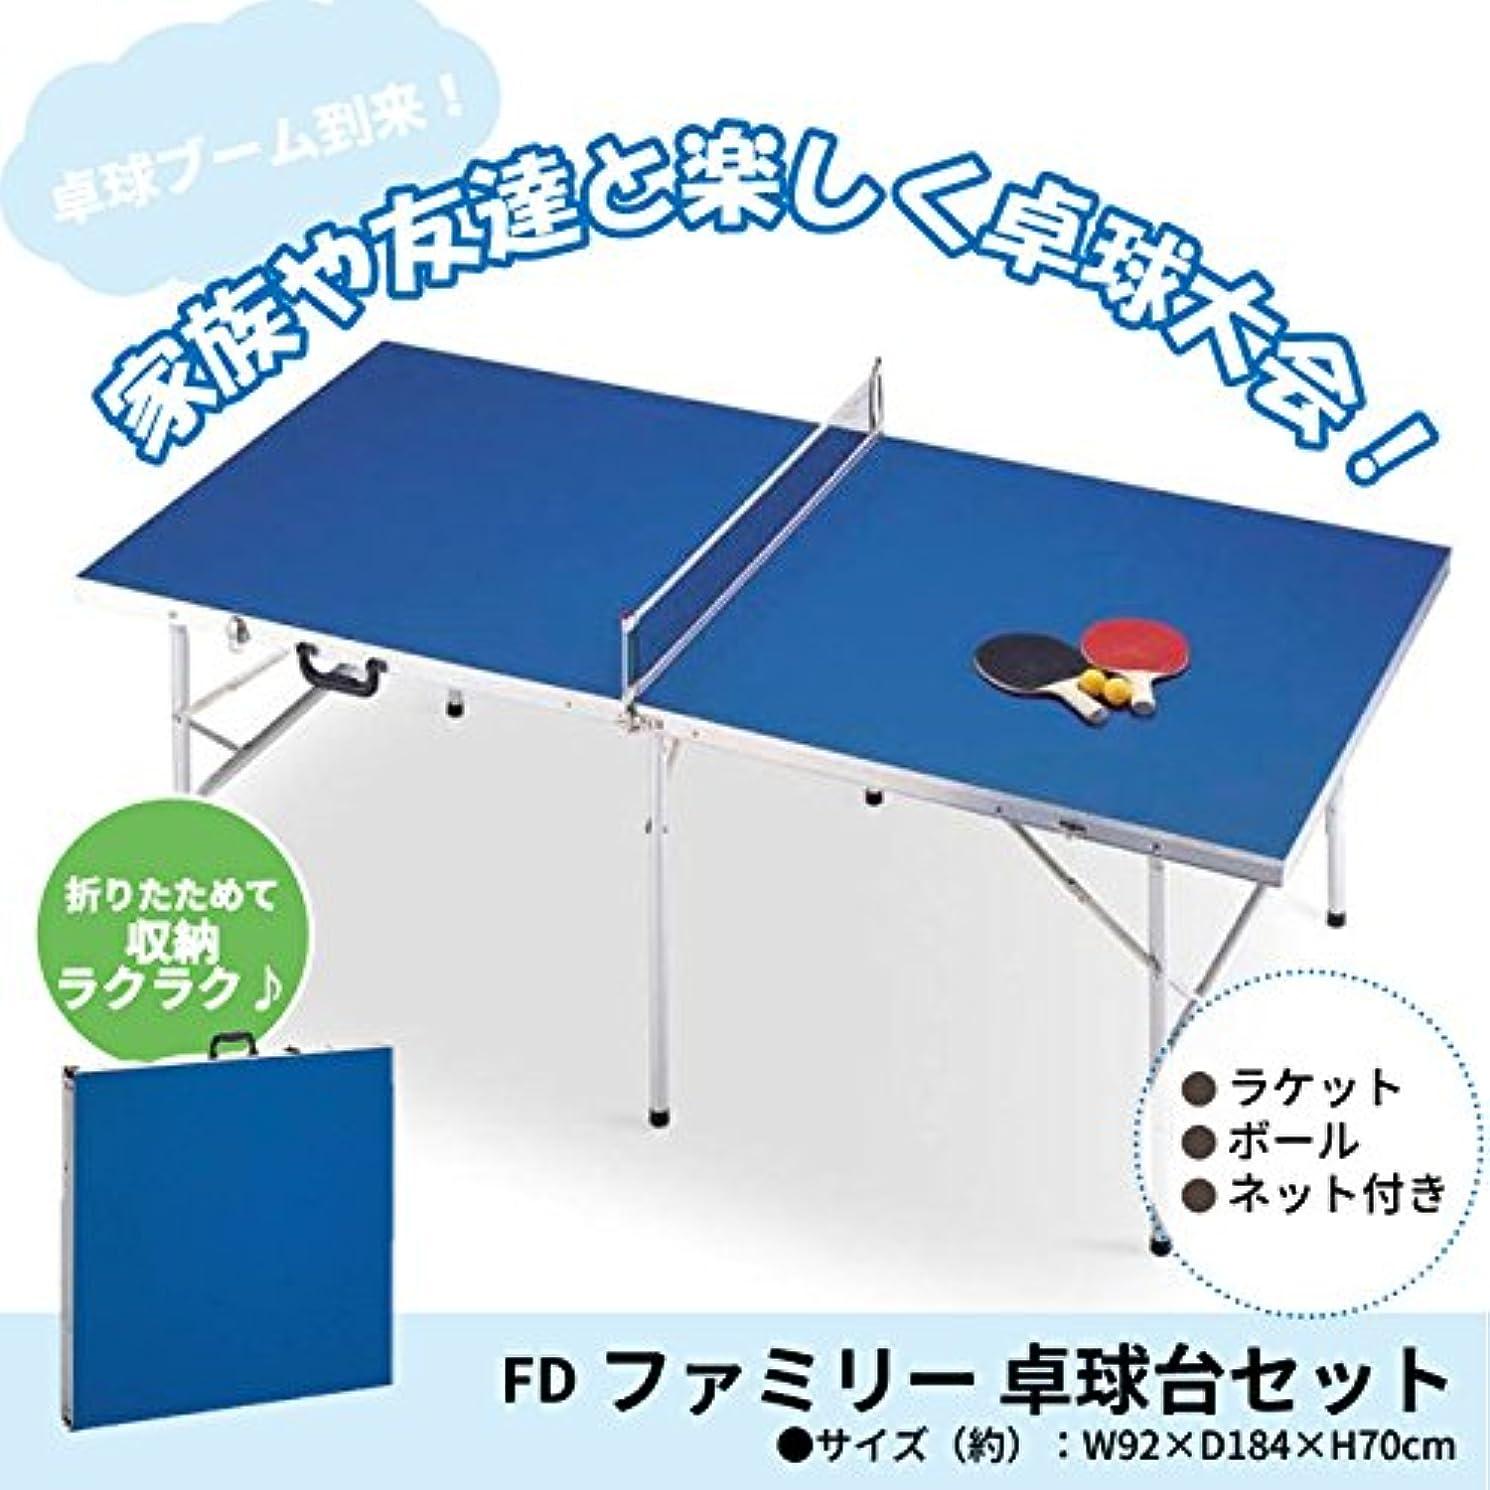 嫌い大佐切る卓球台 家庭用 折りたたみ 卓球 テーブル ピンポン ピンポン台 セット コンパクト